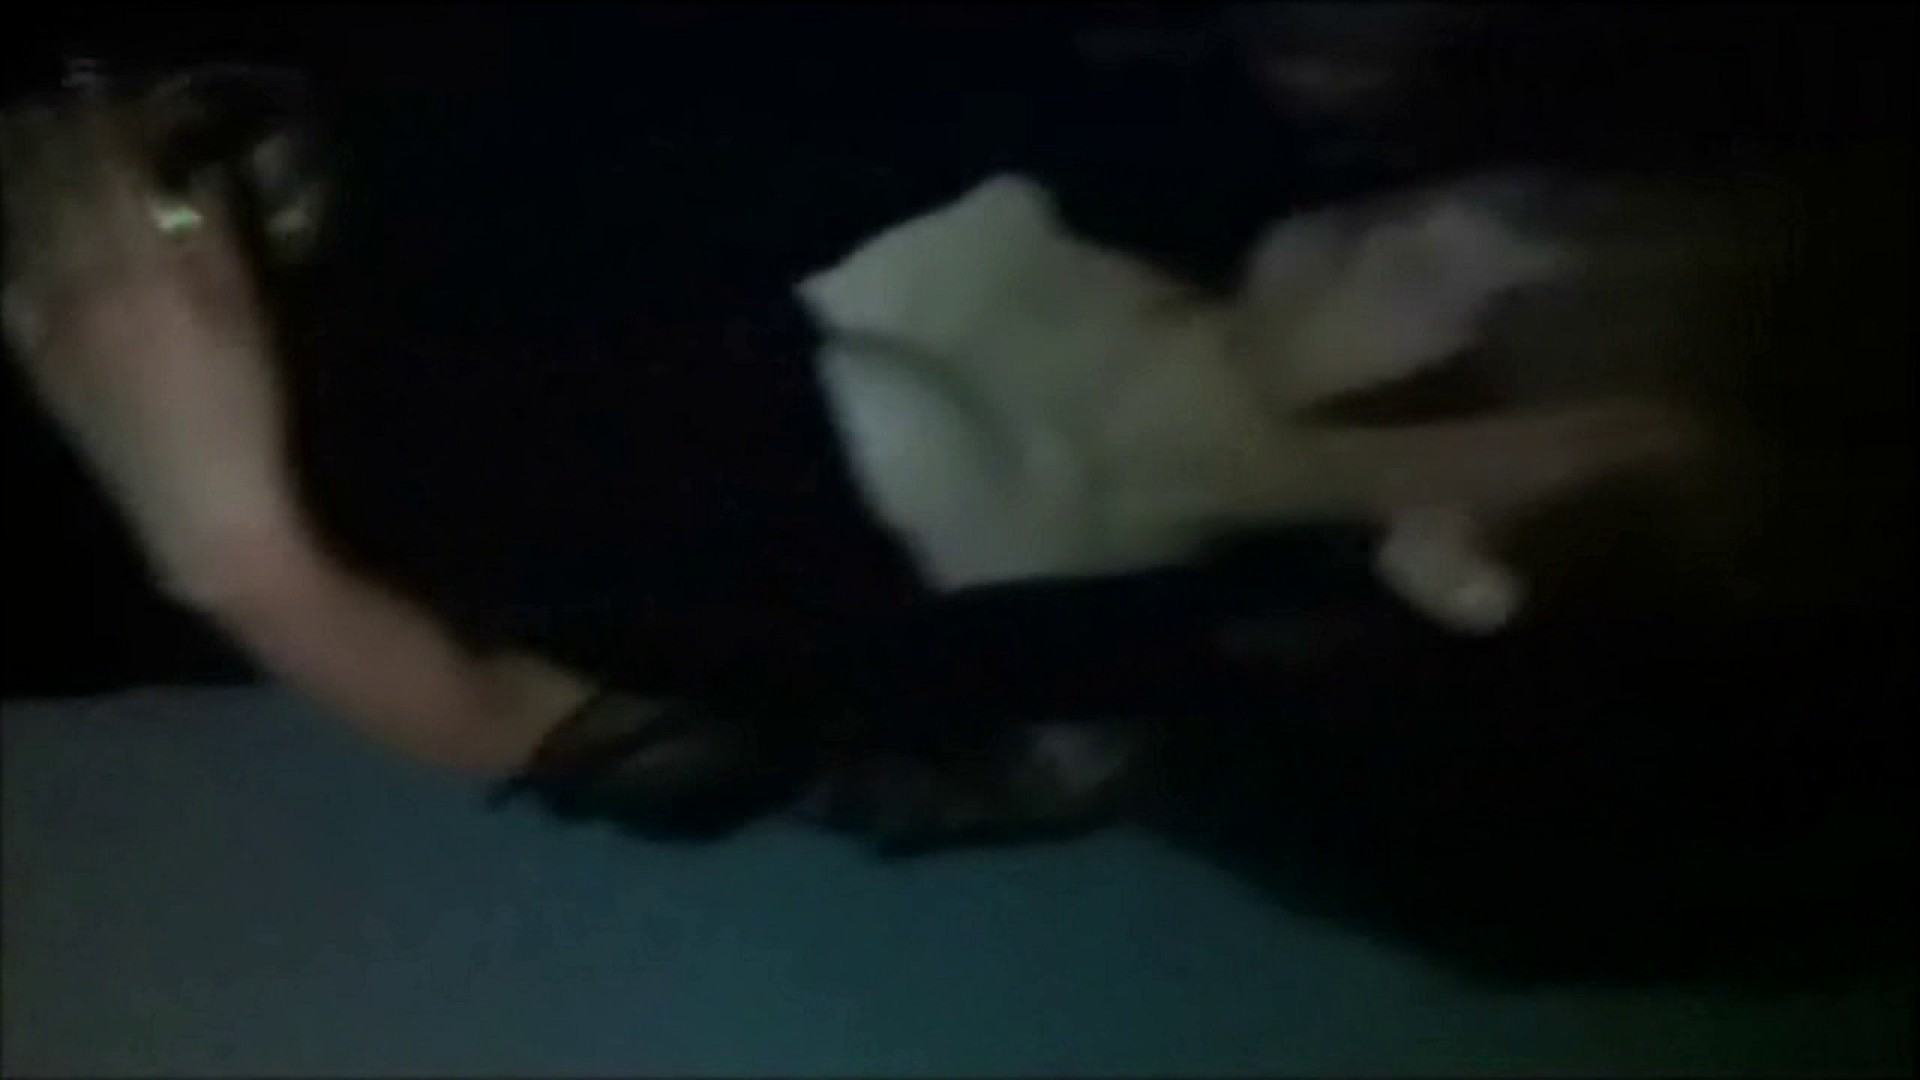 魔術師の お・も・て・な・し vol.05 21歳 美乳にイタズラ 美乳 | 美女OL  110連発 75